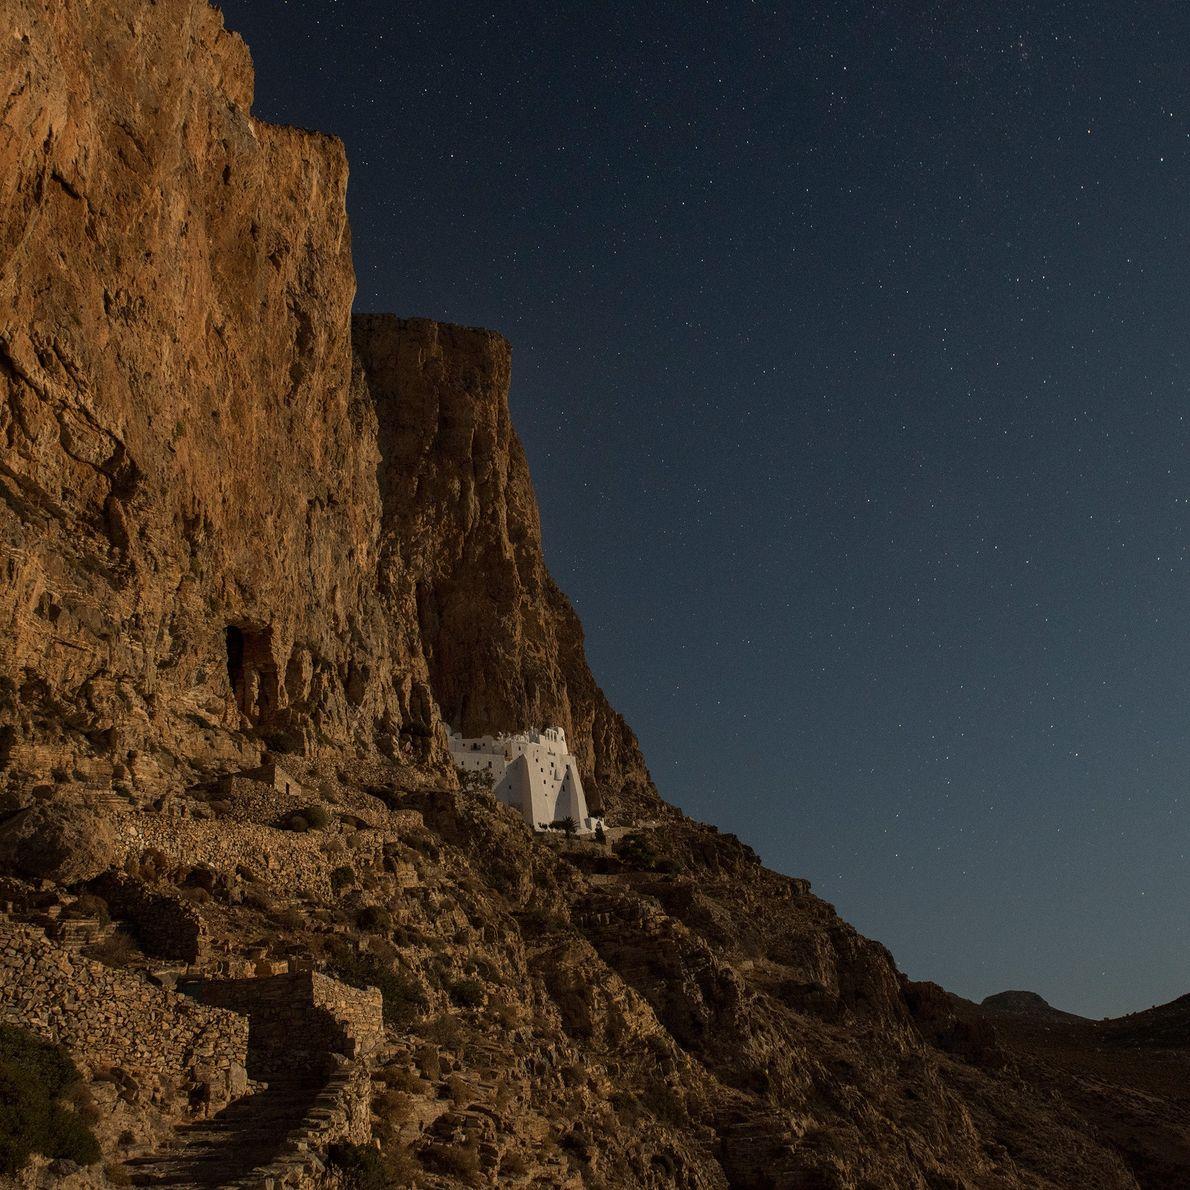 Les murs blancs du Monastère de la Hozoviotissa étincellent à la lueur de la Lune. Un ...